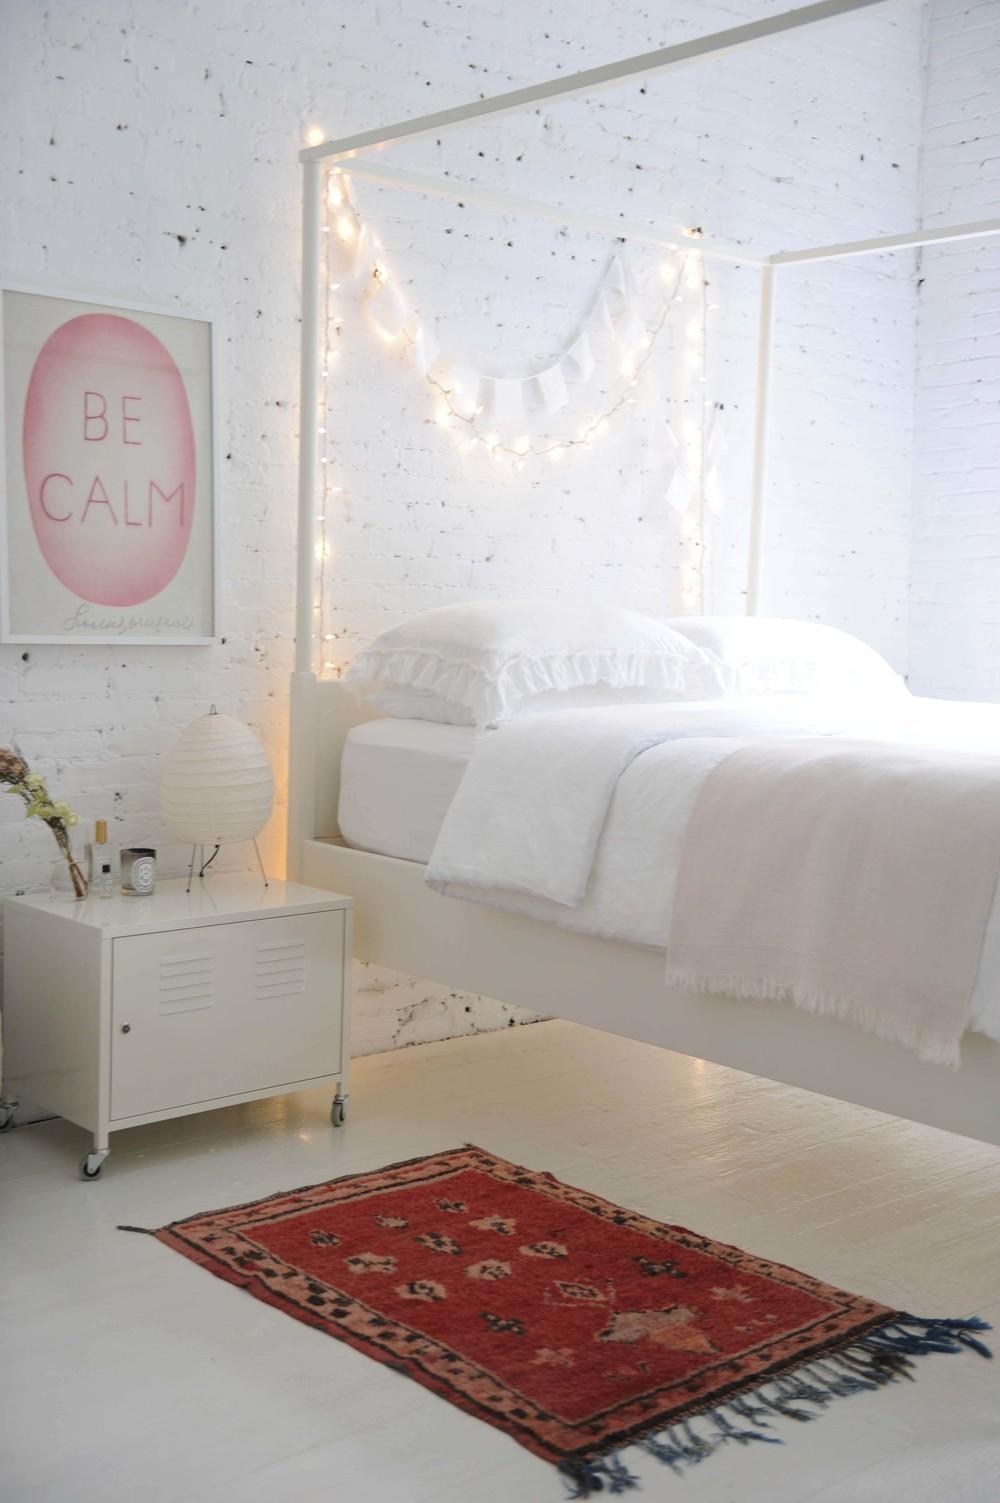 String Lights For Bedroom : Simple Bedroom String Lights Bed - ikea / string lights